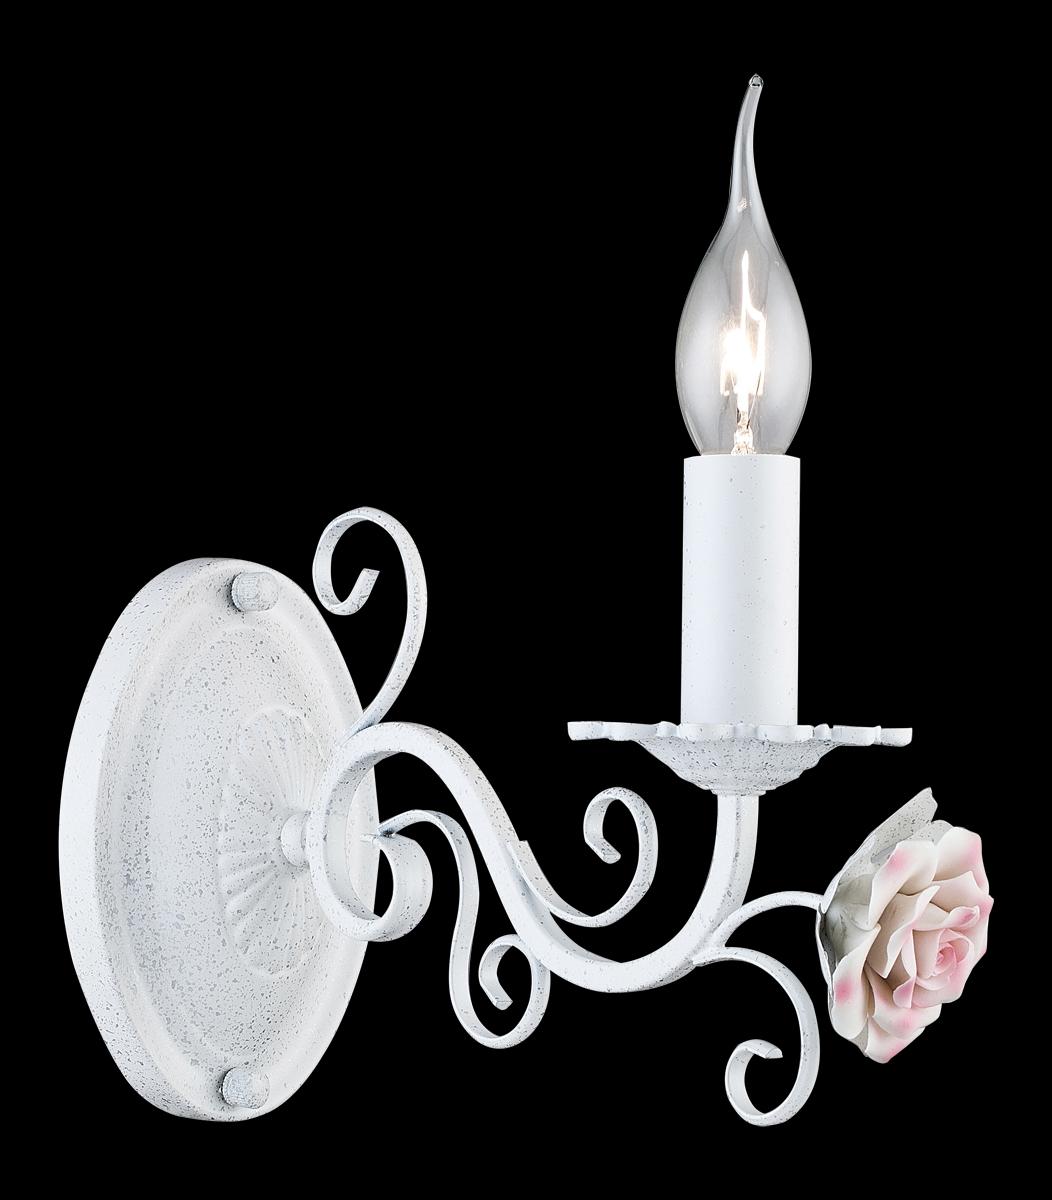 Бра Natali Kovaltseva, выполненное в изысканном классическом стиле, станет украшением вашей комнаты и изысканно дополнит интерьер. Изделие крепится к стене. Такое бра отлично подойдет для освещения кабинета, спальни или гостиной. Бра изящной формы выполнено из металла с покрытием под мрамор и декорировано керамической розочкой. К данному типу светильников отлично подойдет лампочка в форме свечи. В коллекциях Natali Kovaltseva представлены разные стили - от классики до хайтека. Дизайн и технологическая составляющая продукции разрабатывается в R&D центре компании, который находится в г. Дюссельдорф, Германия. При производстве продукции используются высококачественные и эксклюзивные материалы: хрусталь ASFOR, муранское стекло, перламутр, 24-каратное золото, бронза. Производство светильников соответствует стандарту системы менеджмента качества ISO 9001-2000. На всю продукцию ТМ Natali Kovaltseva распространяется гарантия.